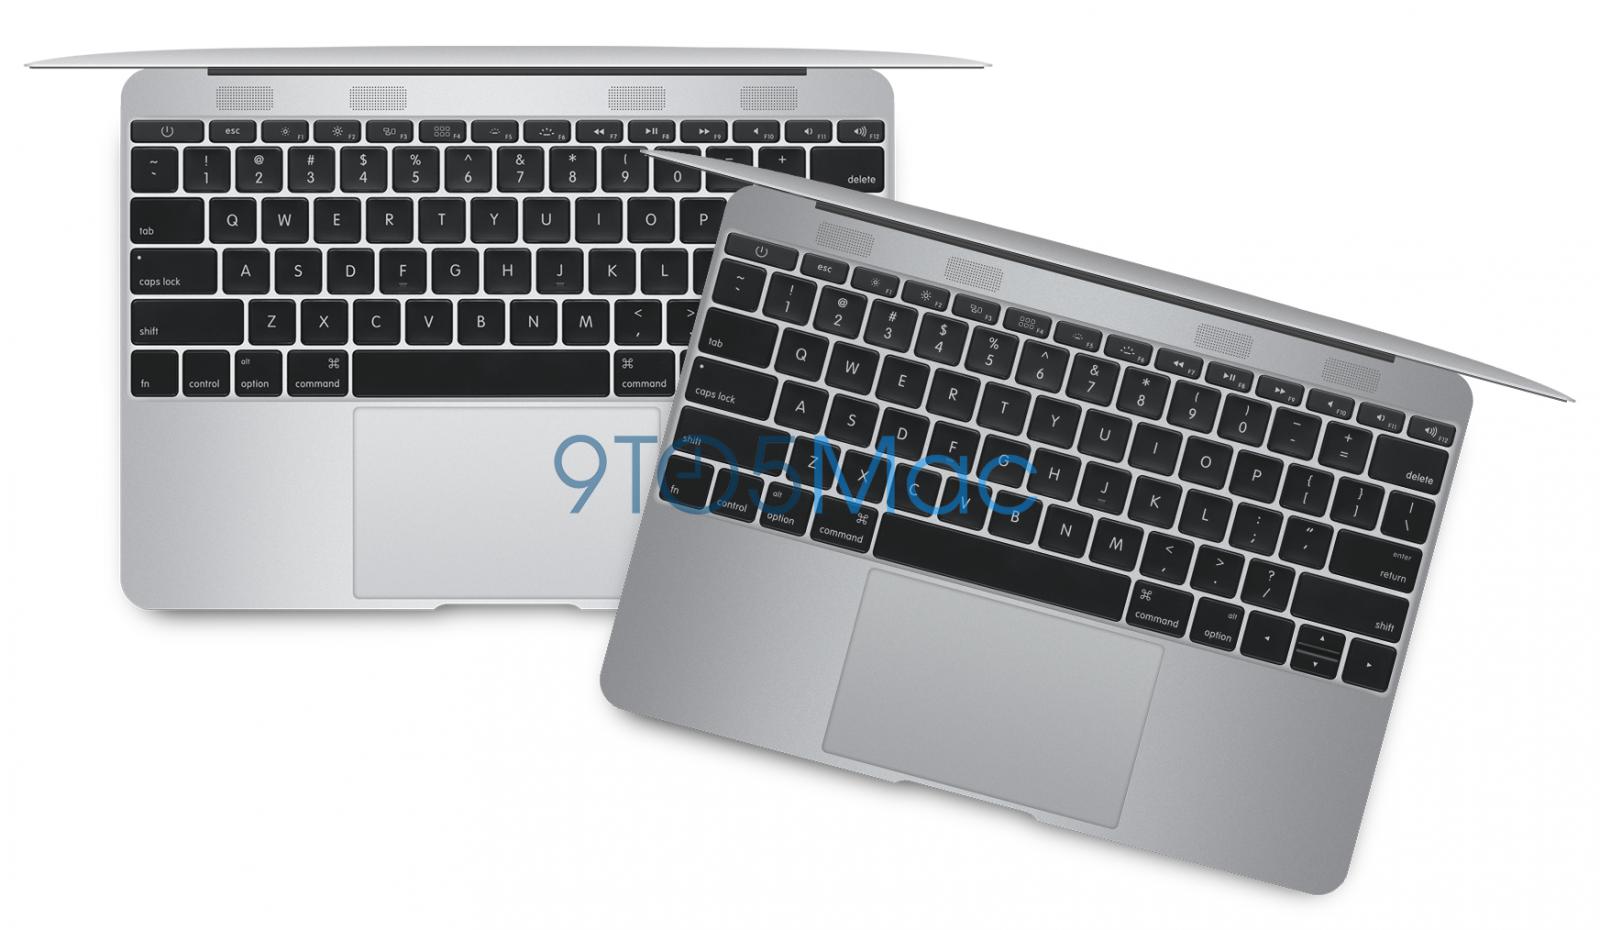 12in MacBook Air Revealed